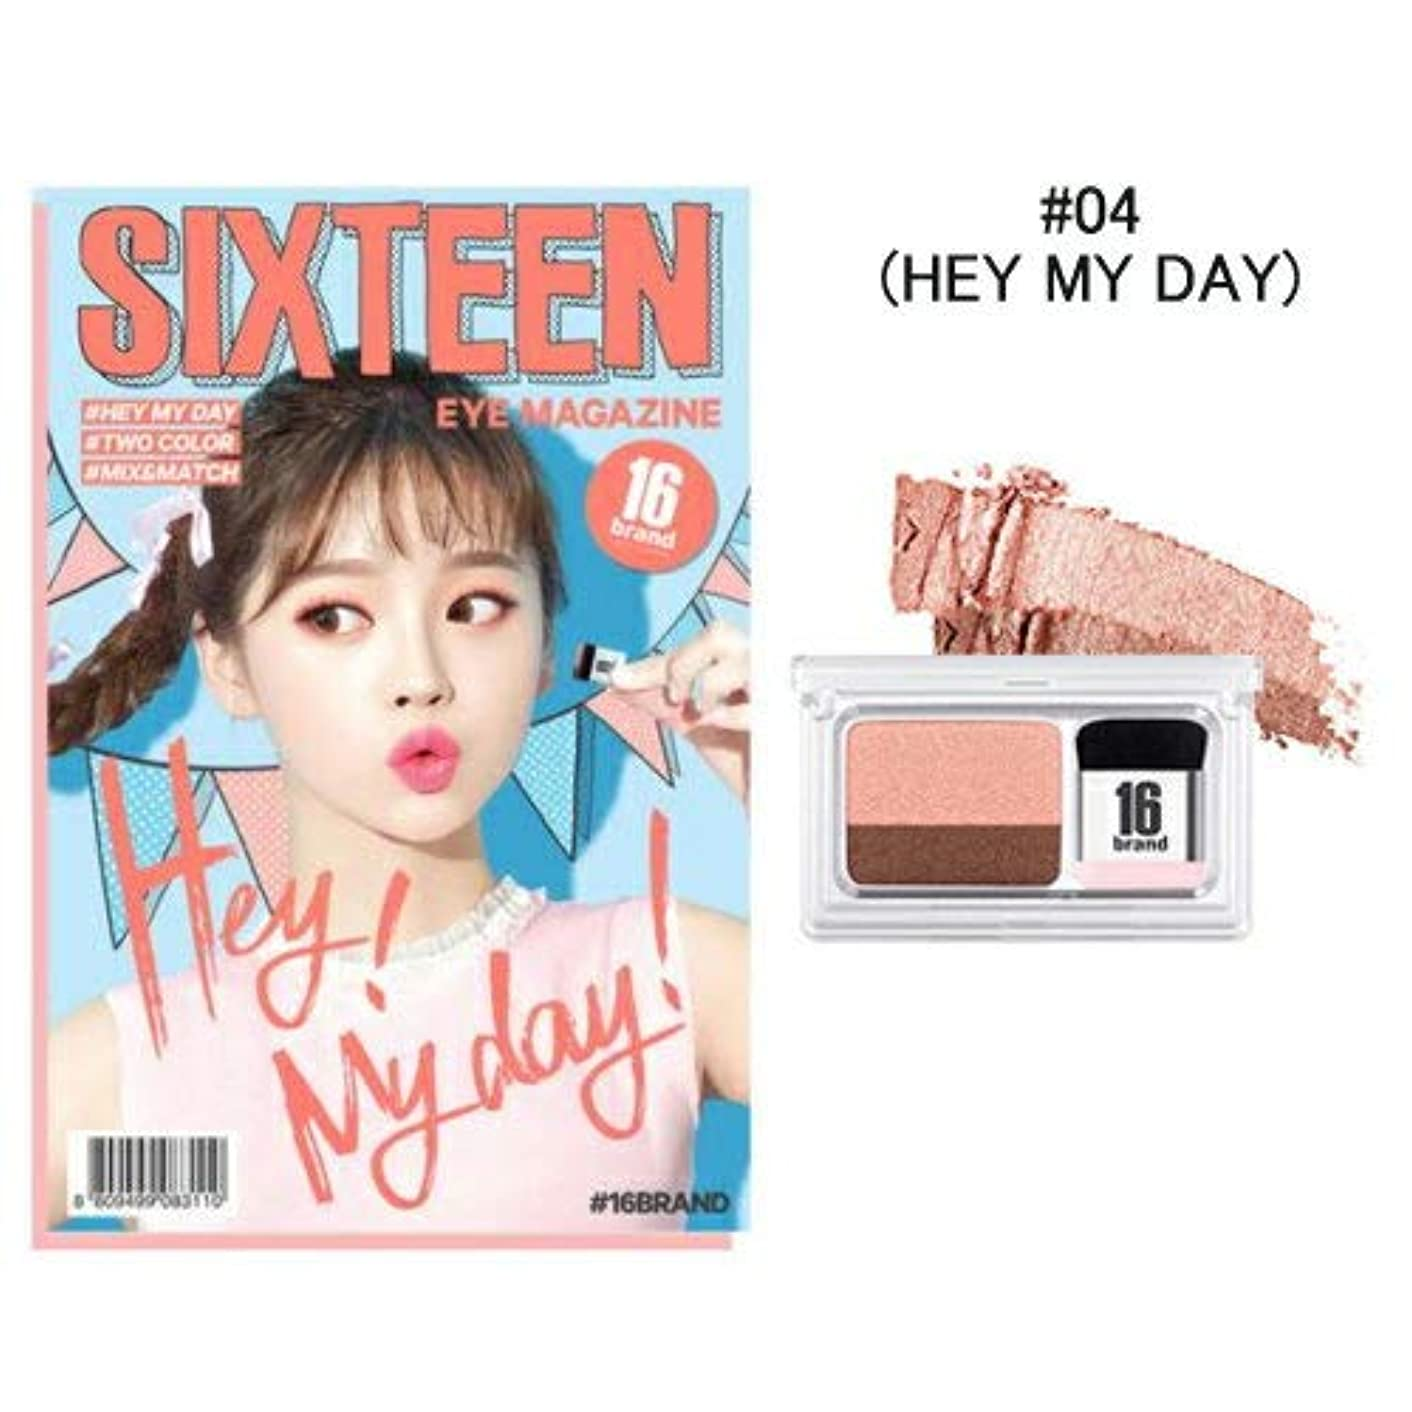 薬剤師釈義本質的に[New Color] 16brand Sixteen Eye Magazine 2g /16ブランド シックスティーン アイ マガジン 2g (#04 HEY MY DAY) [並行輸入品]